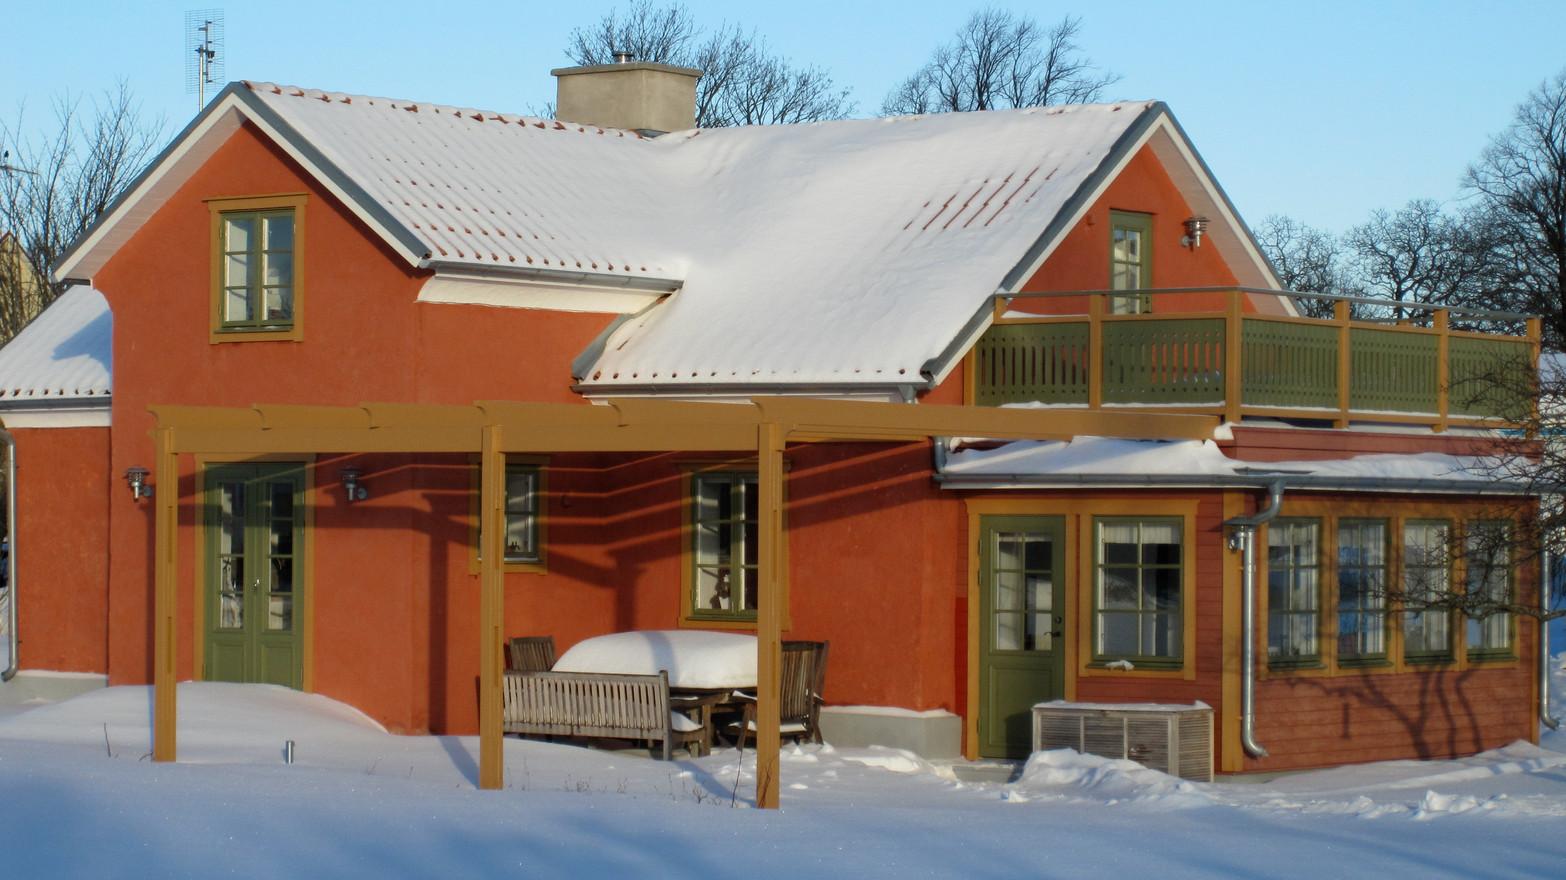 Marias vackra hus i Burgsvik. Nybyggd pergola av limträ. 2011.